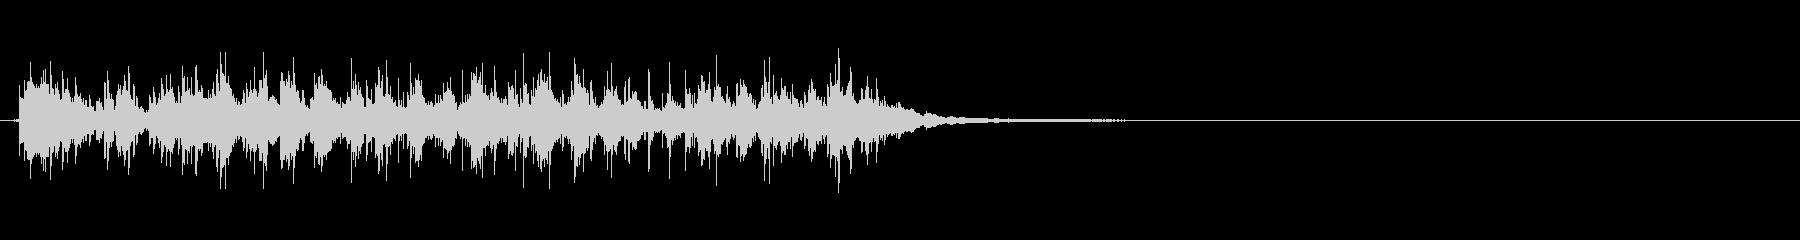 スピニングベルノイズメーカー:ミデ...の未再生の波形